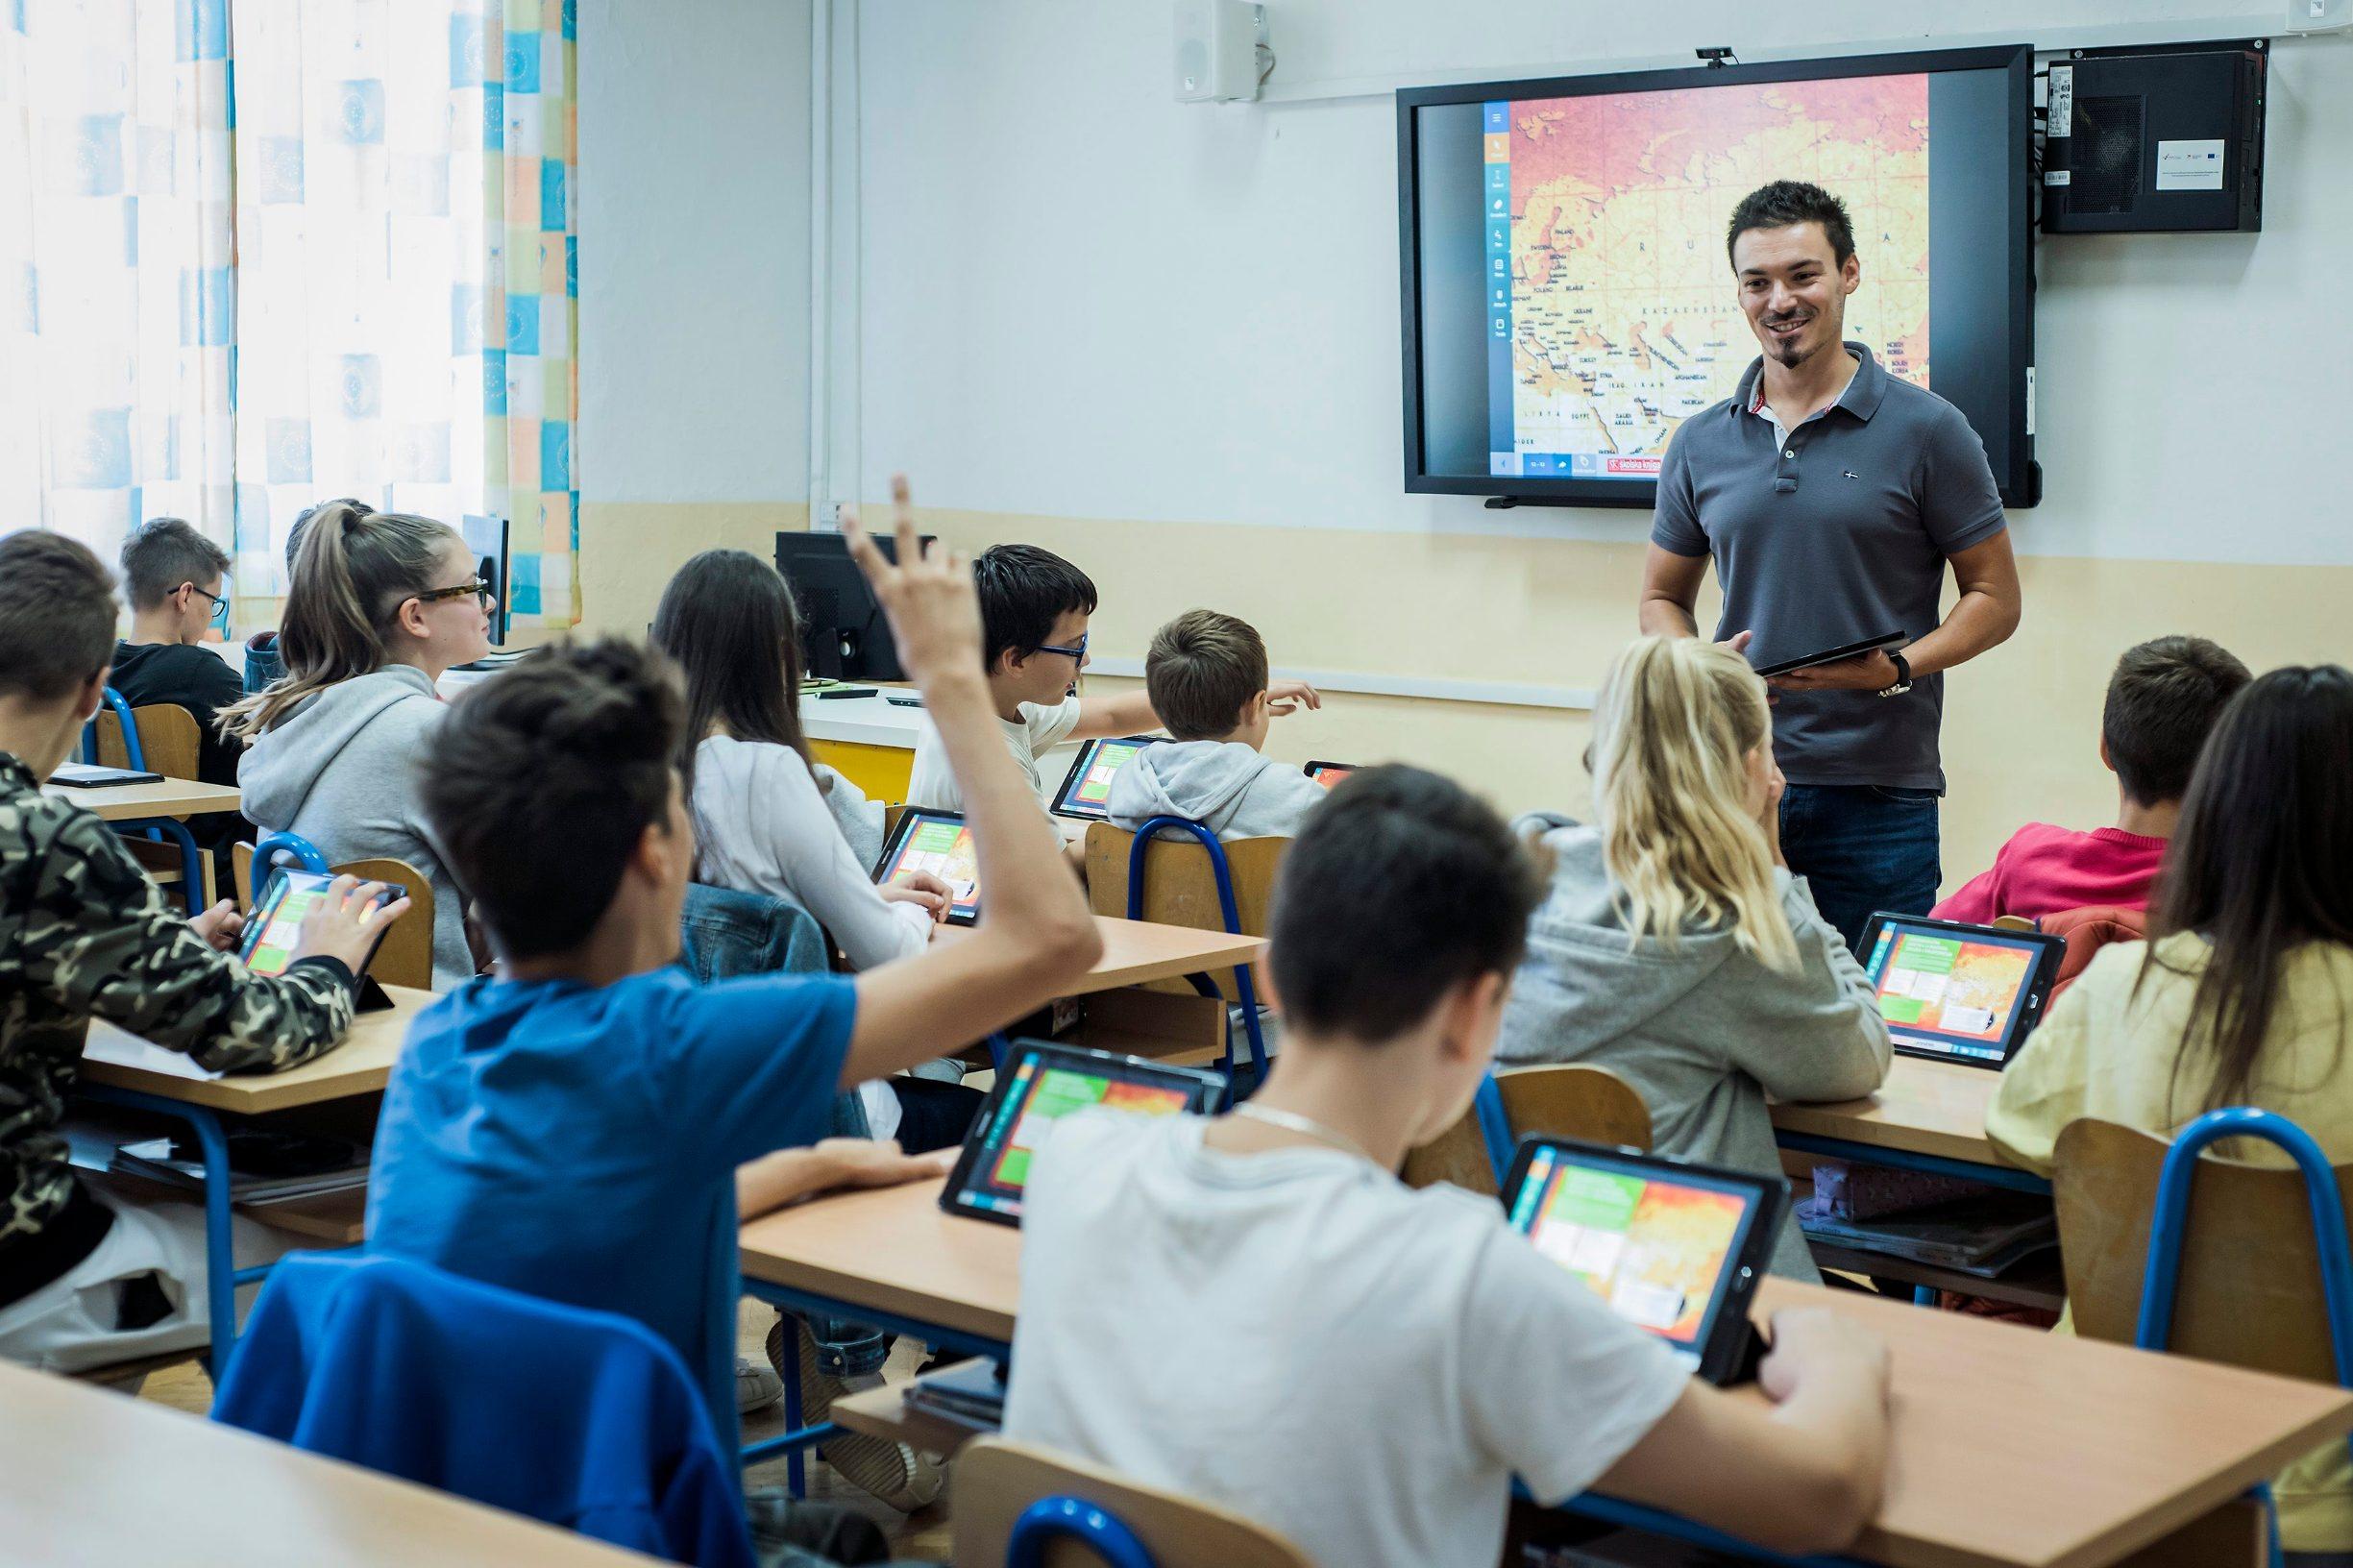 Učenici osnovne škole na nastavi